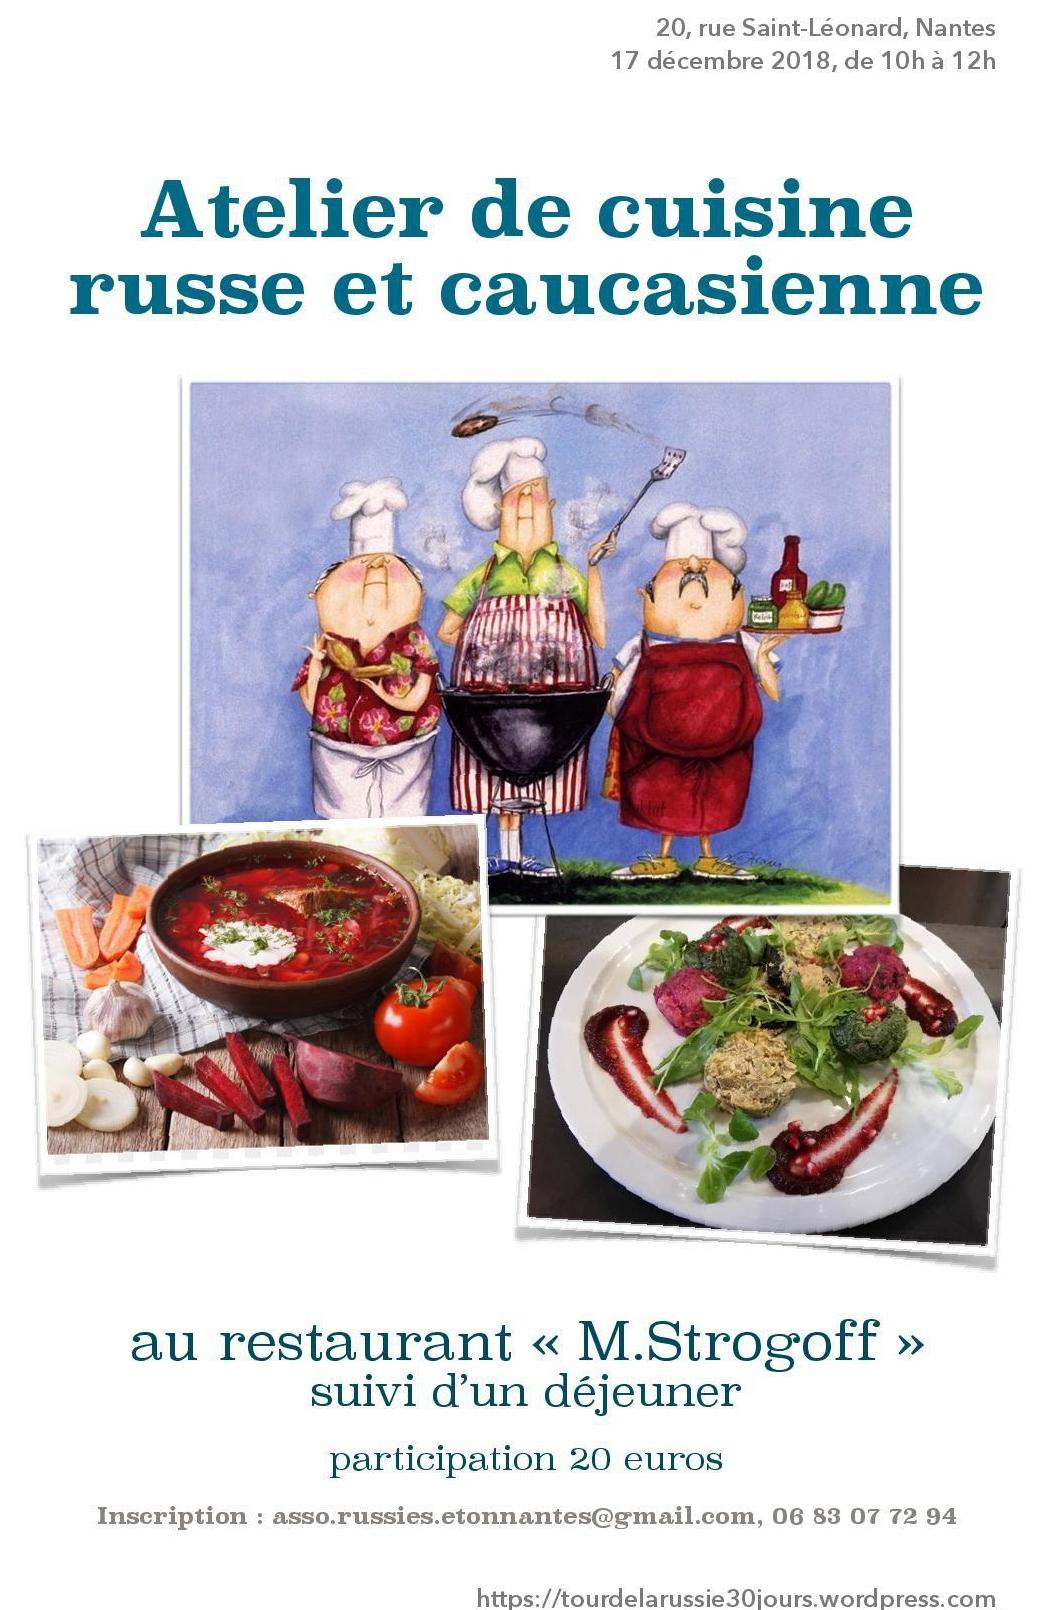 atelier-cuisine-17-dec-page-001.jpg